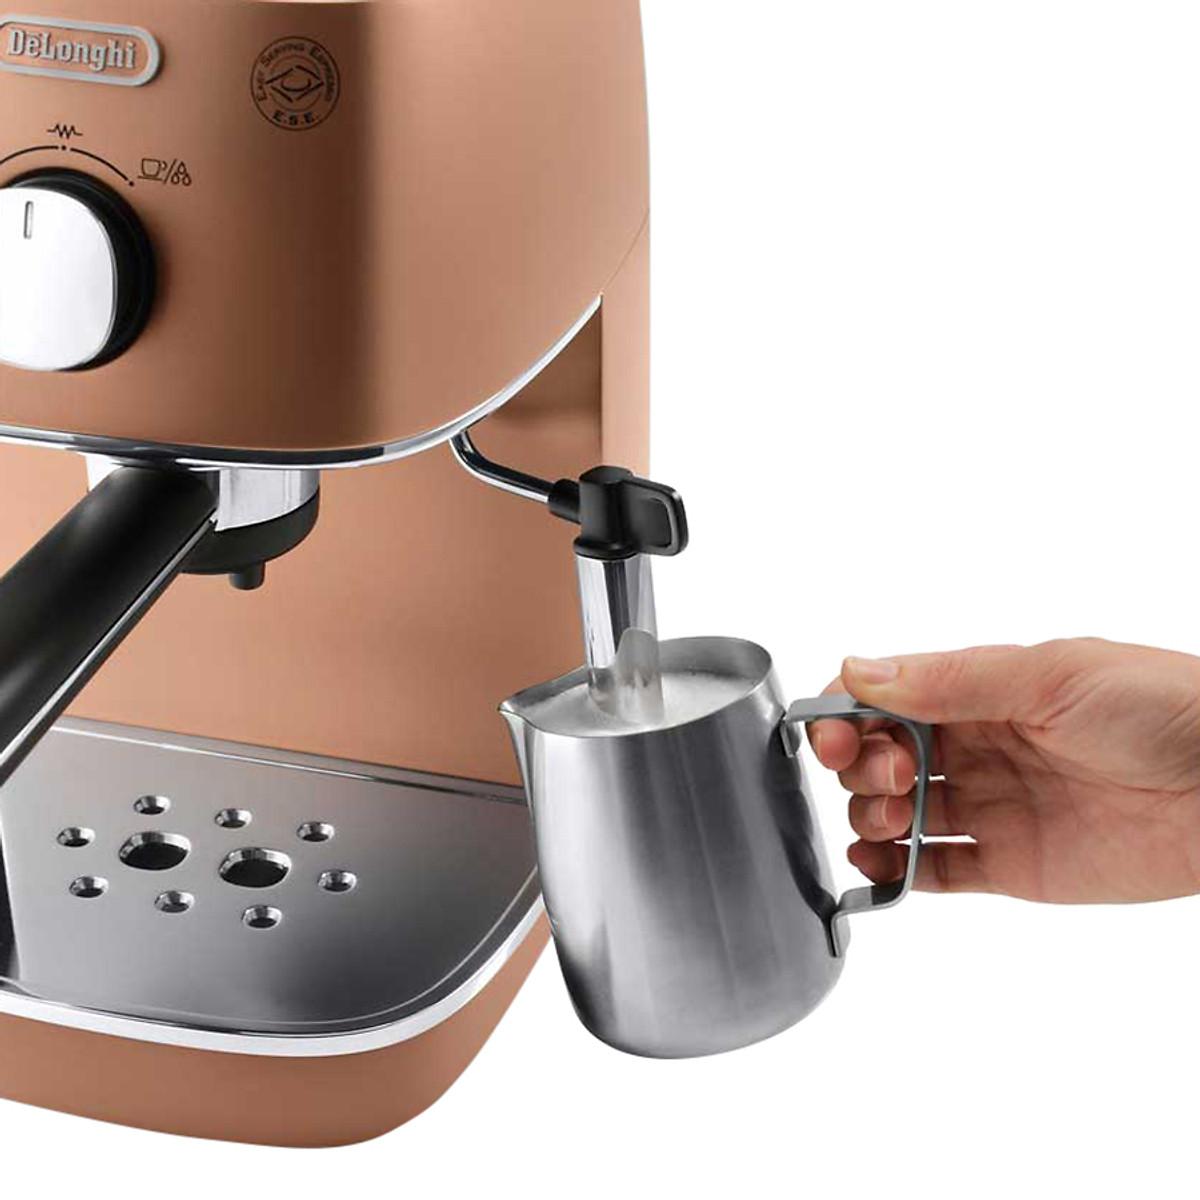 Máy Pha Cà Phê Espresso Distinta Delonghi ECI 341.CP (1100W) - Đồng - Hàng Chính Hãng | undefined | Tiki